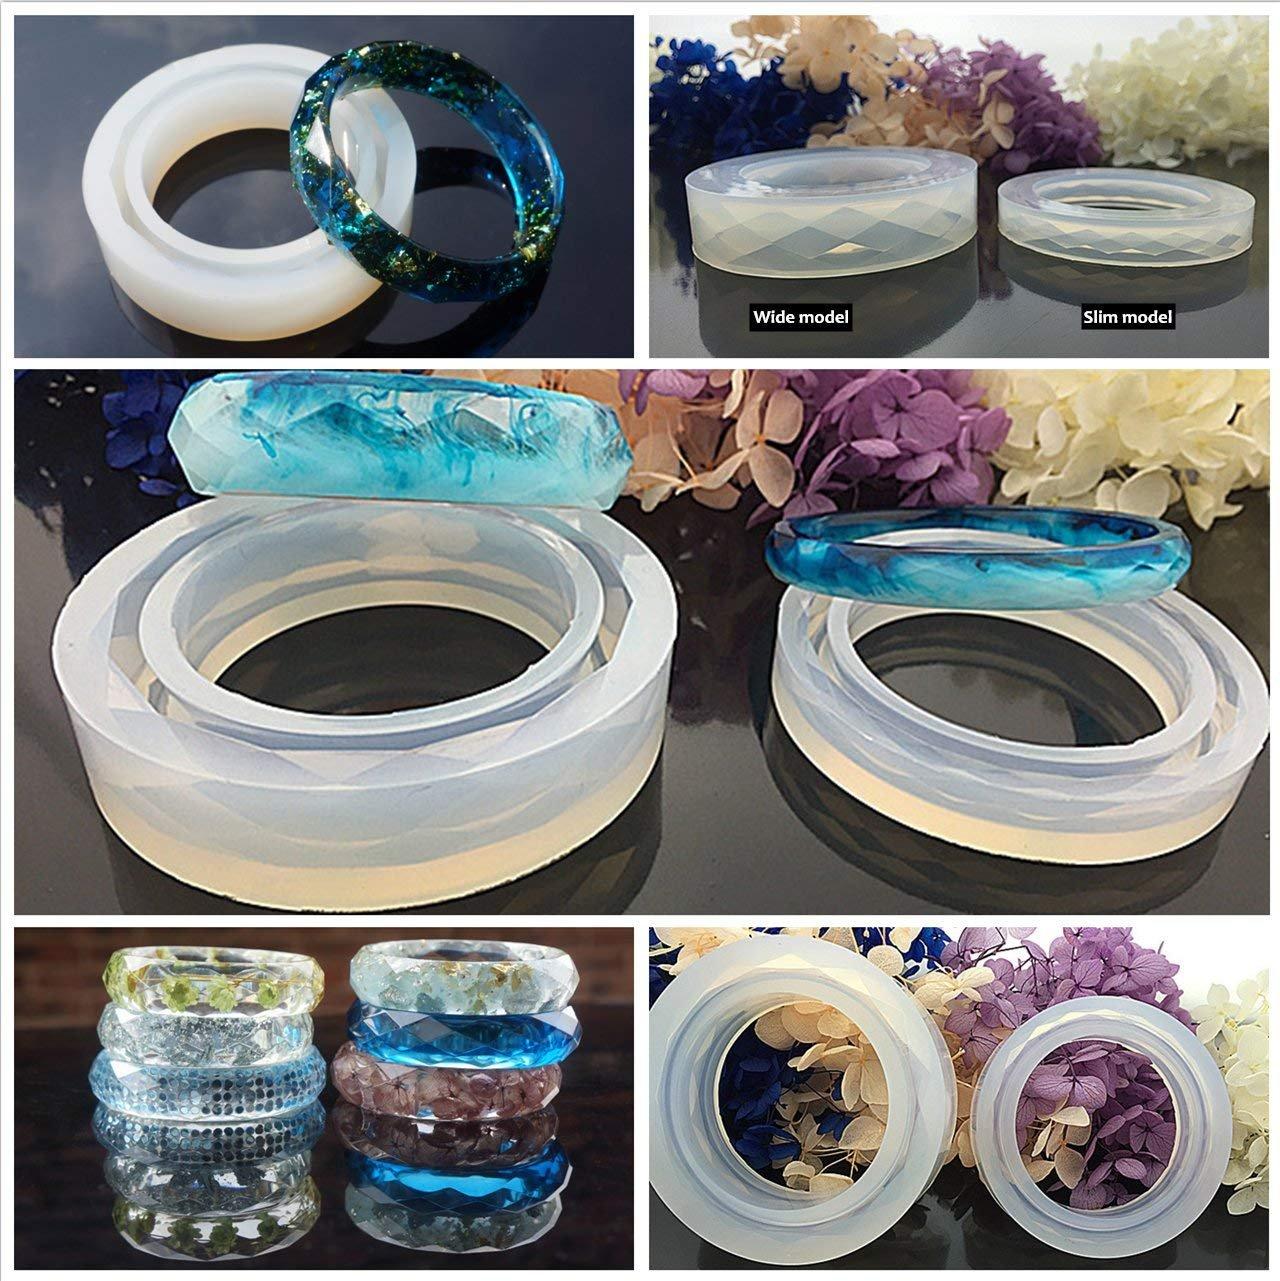 Kit Resina Epoxi UV Cristal Transparente para Joyas 250g + 11 Moldes Silicona (31 Formas) + 100 Anillos para Colgantes Collares, para Bisutería Joyería ...